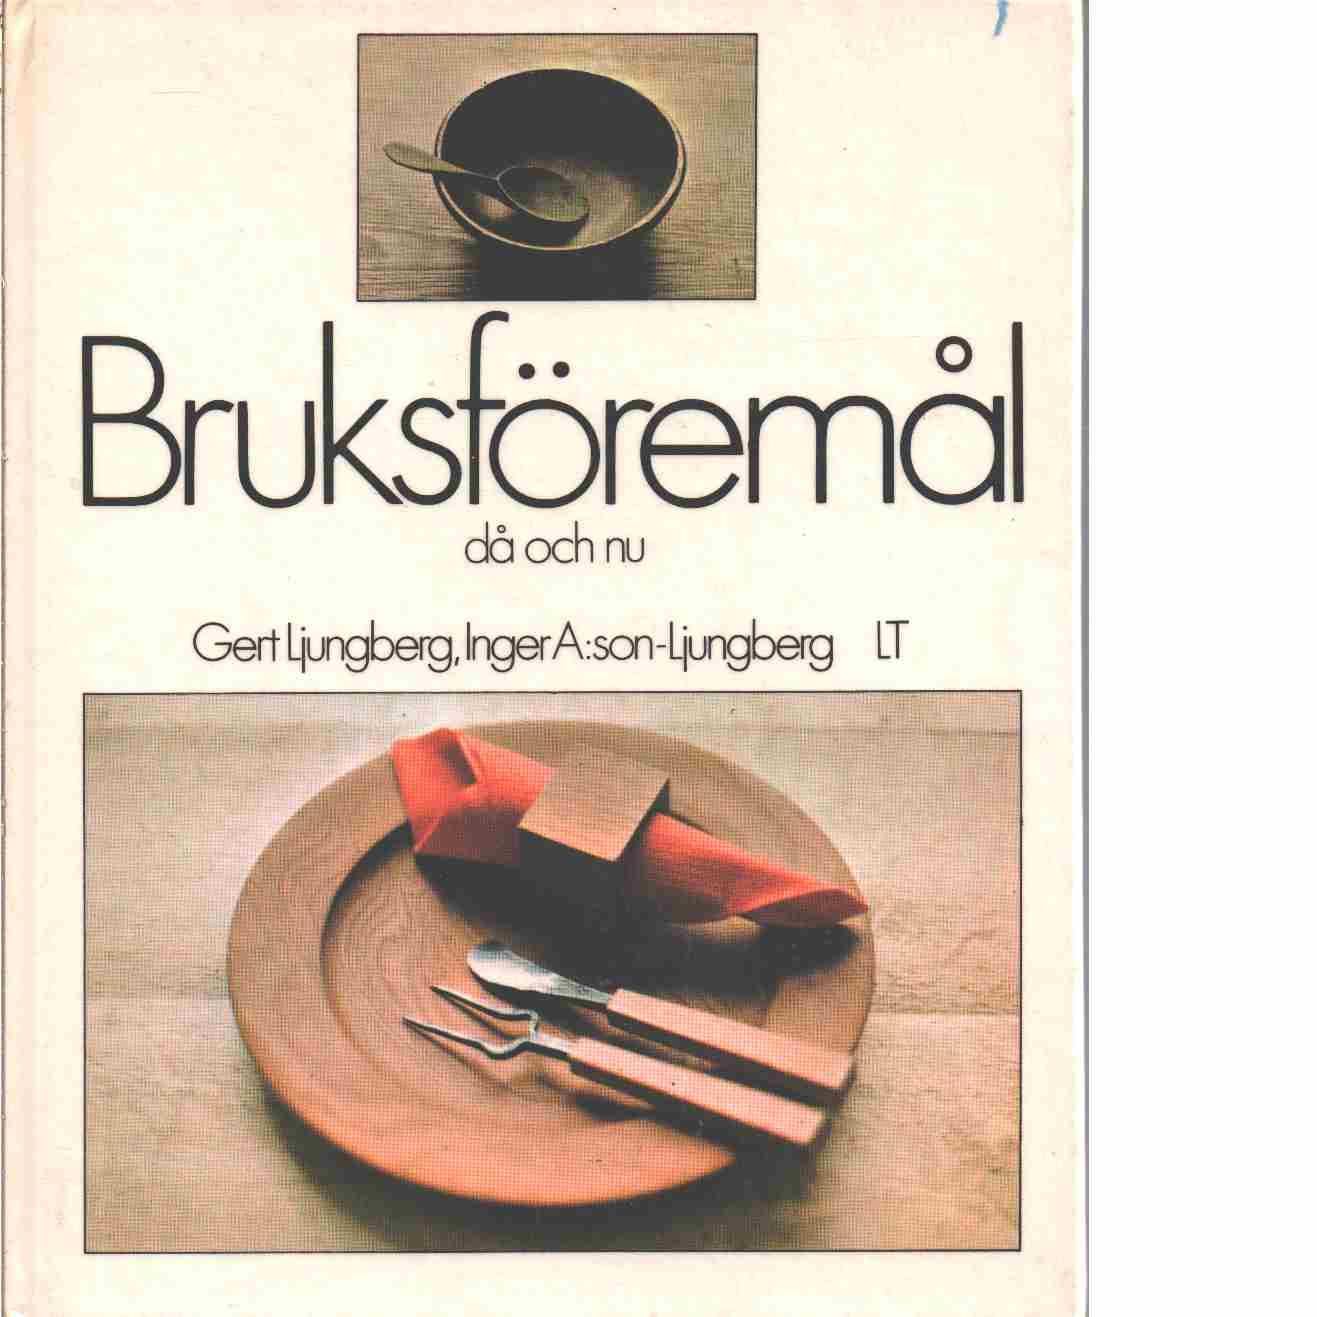 Bruksföremål då och nu - Ljungberg, Gert och A:son-Ljungberg, Inger